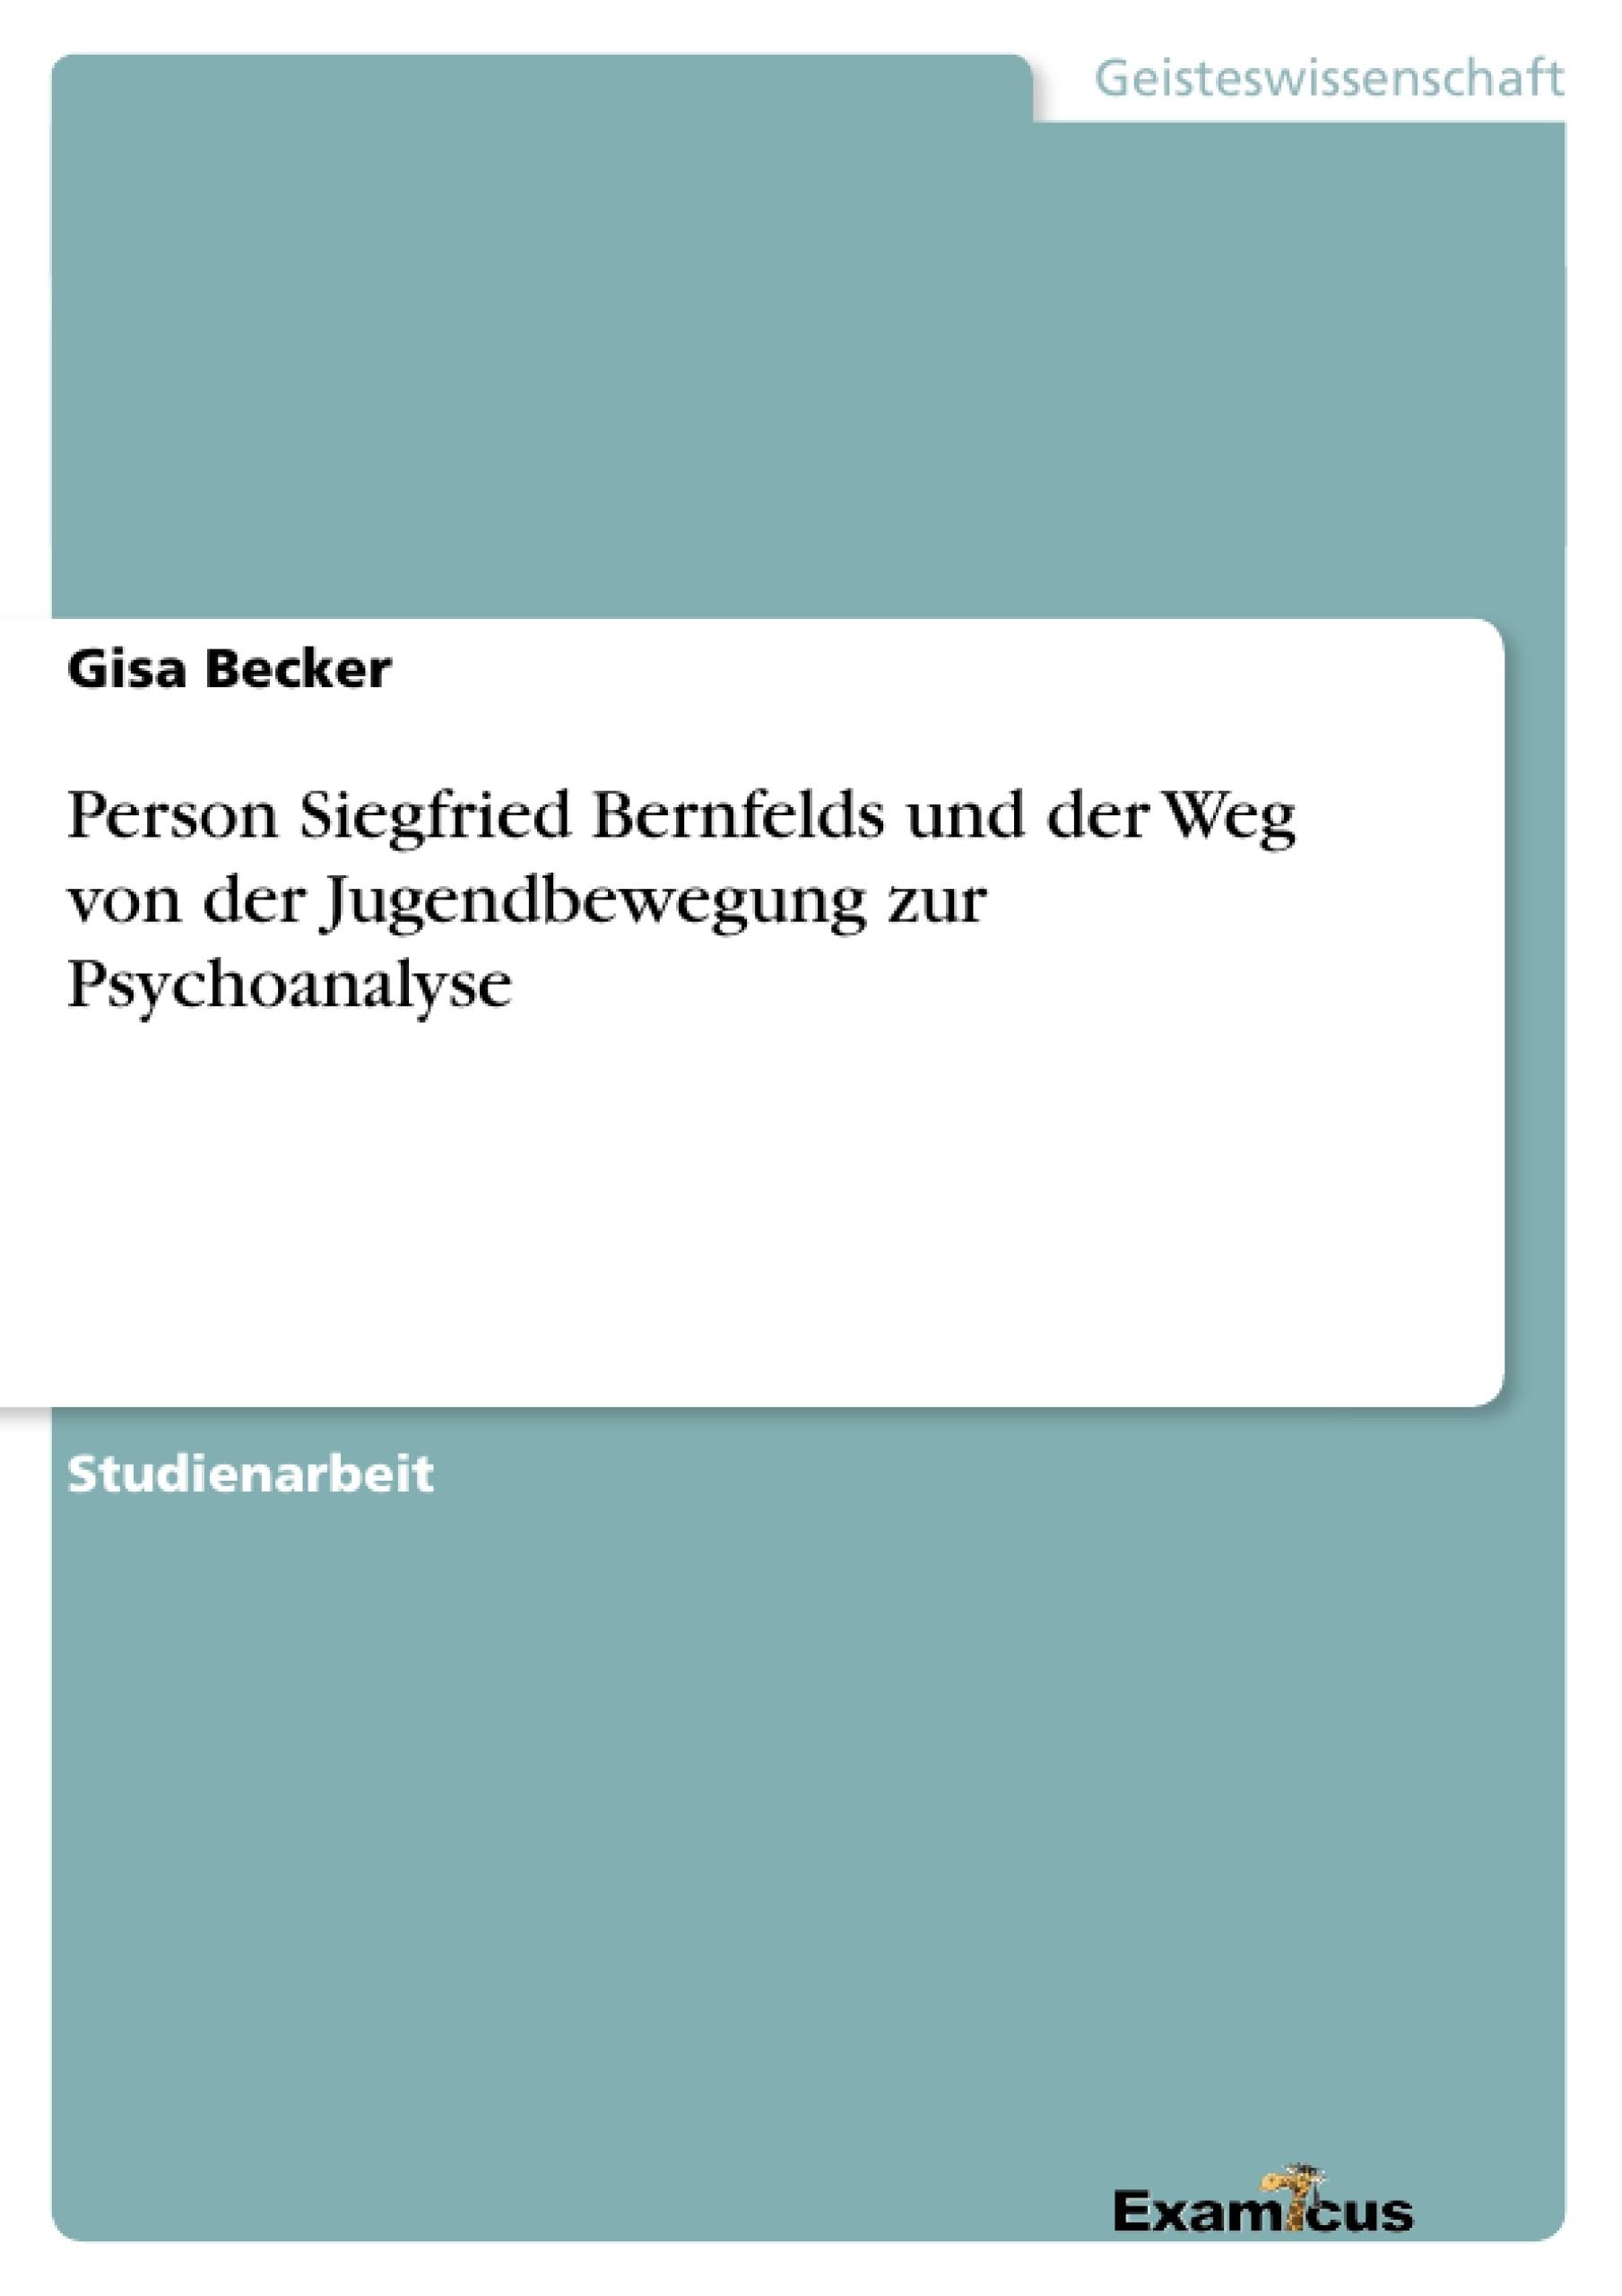 Titel: Person Siegfried Bernfelds und der Weg von der Jugendbewegung zur Psychoanalyse